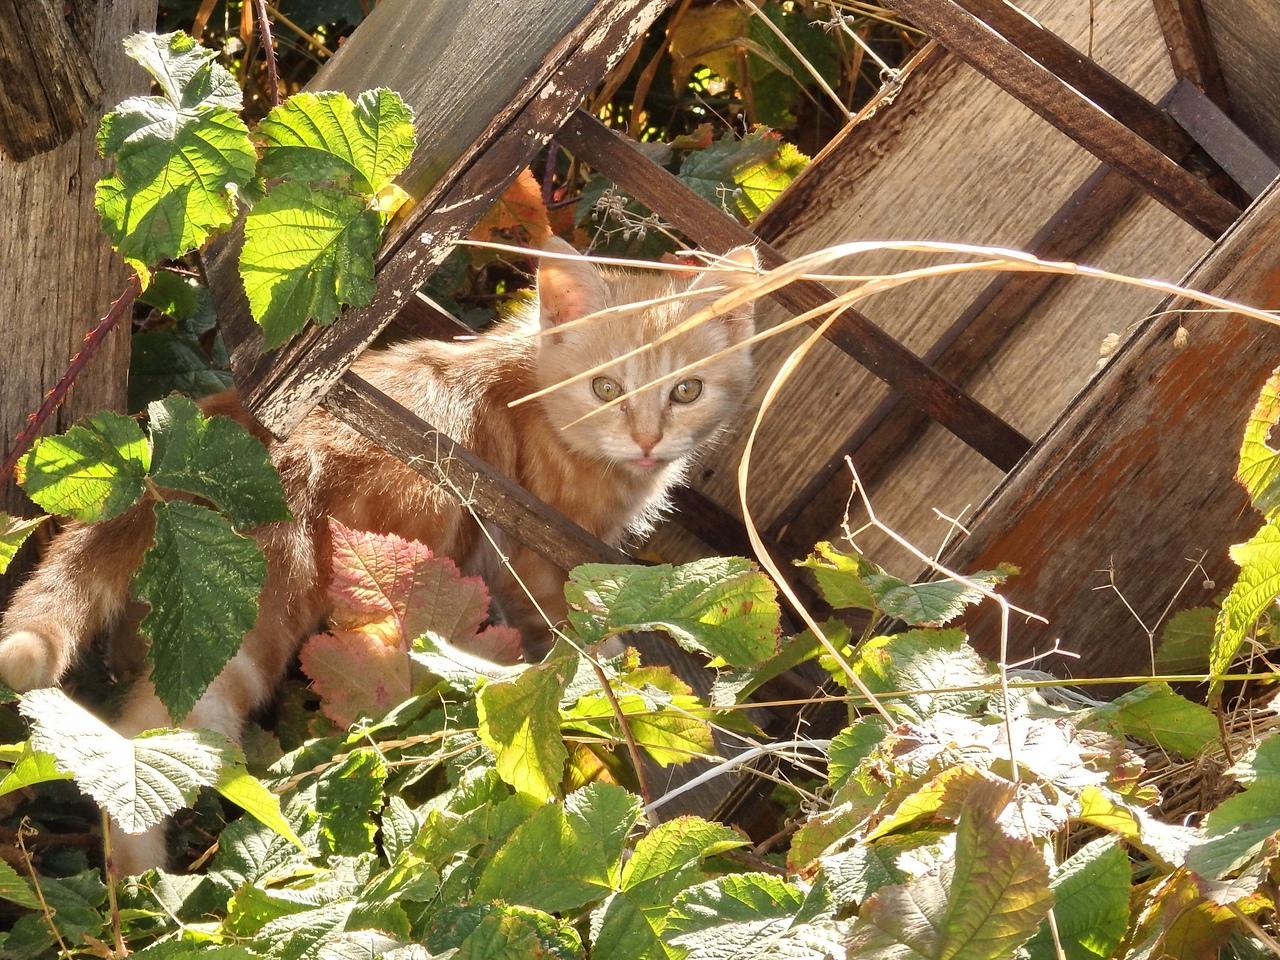 рыжий кот в траве